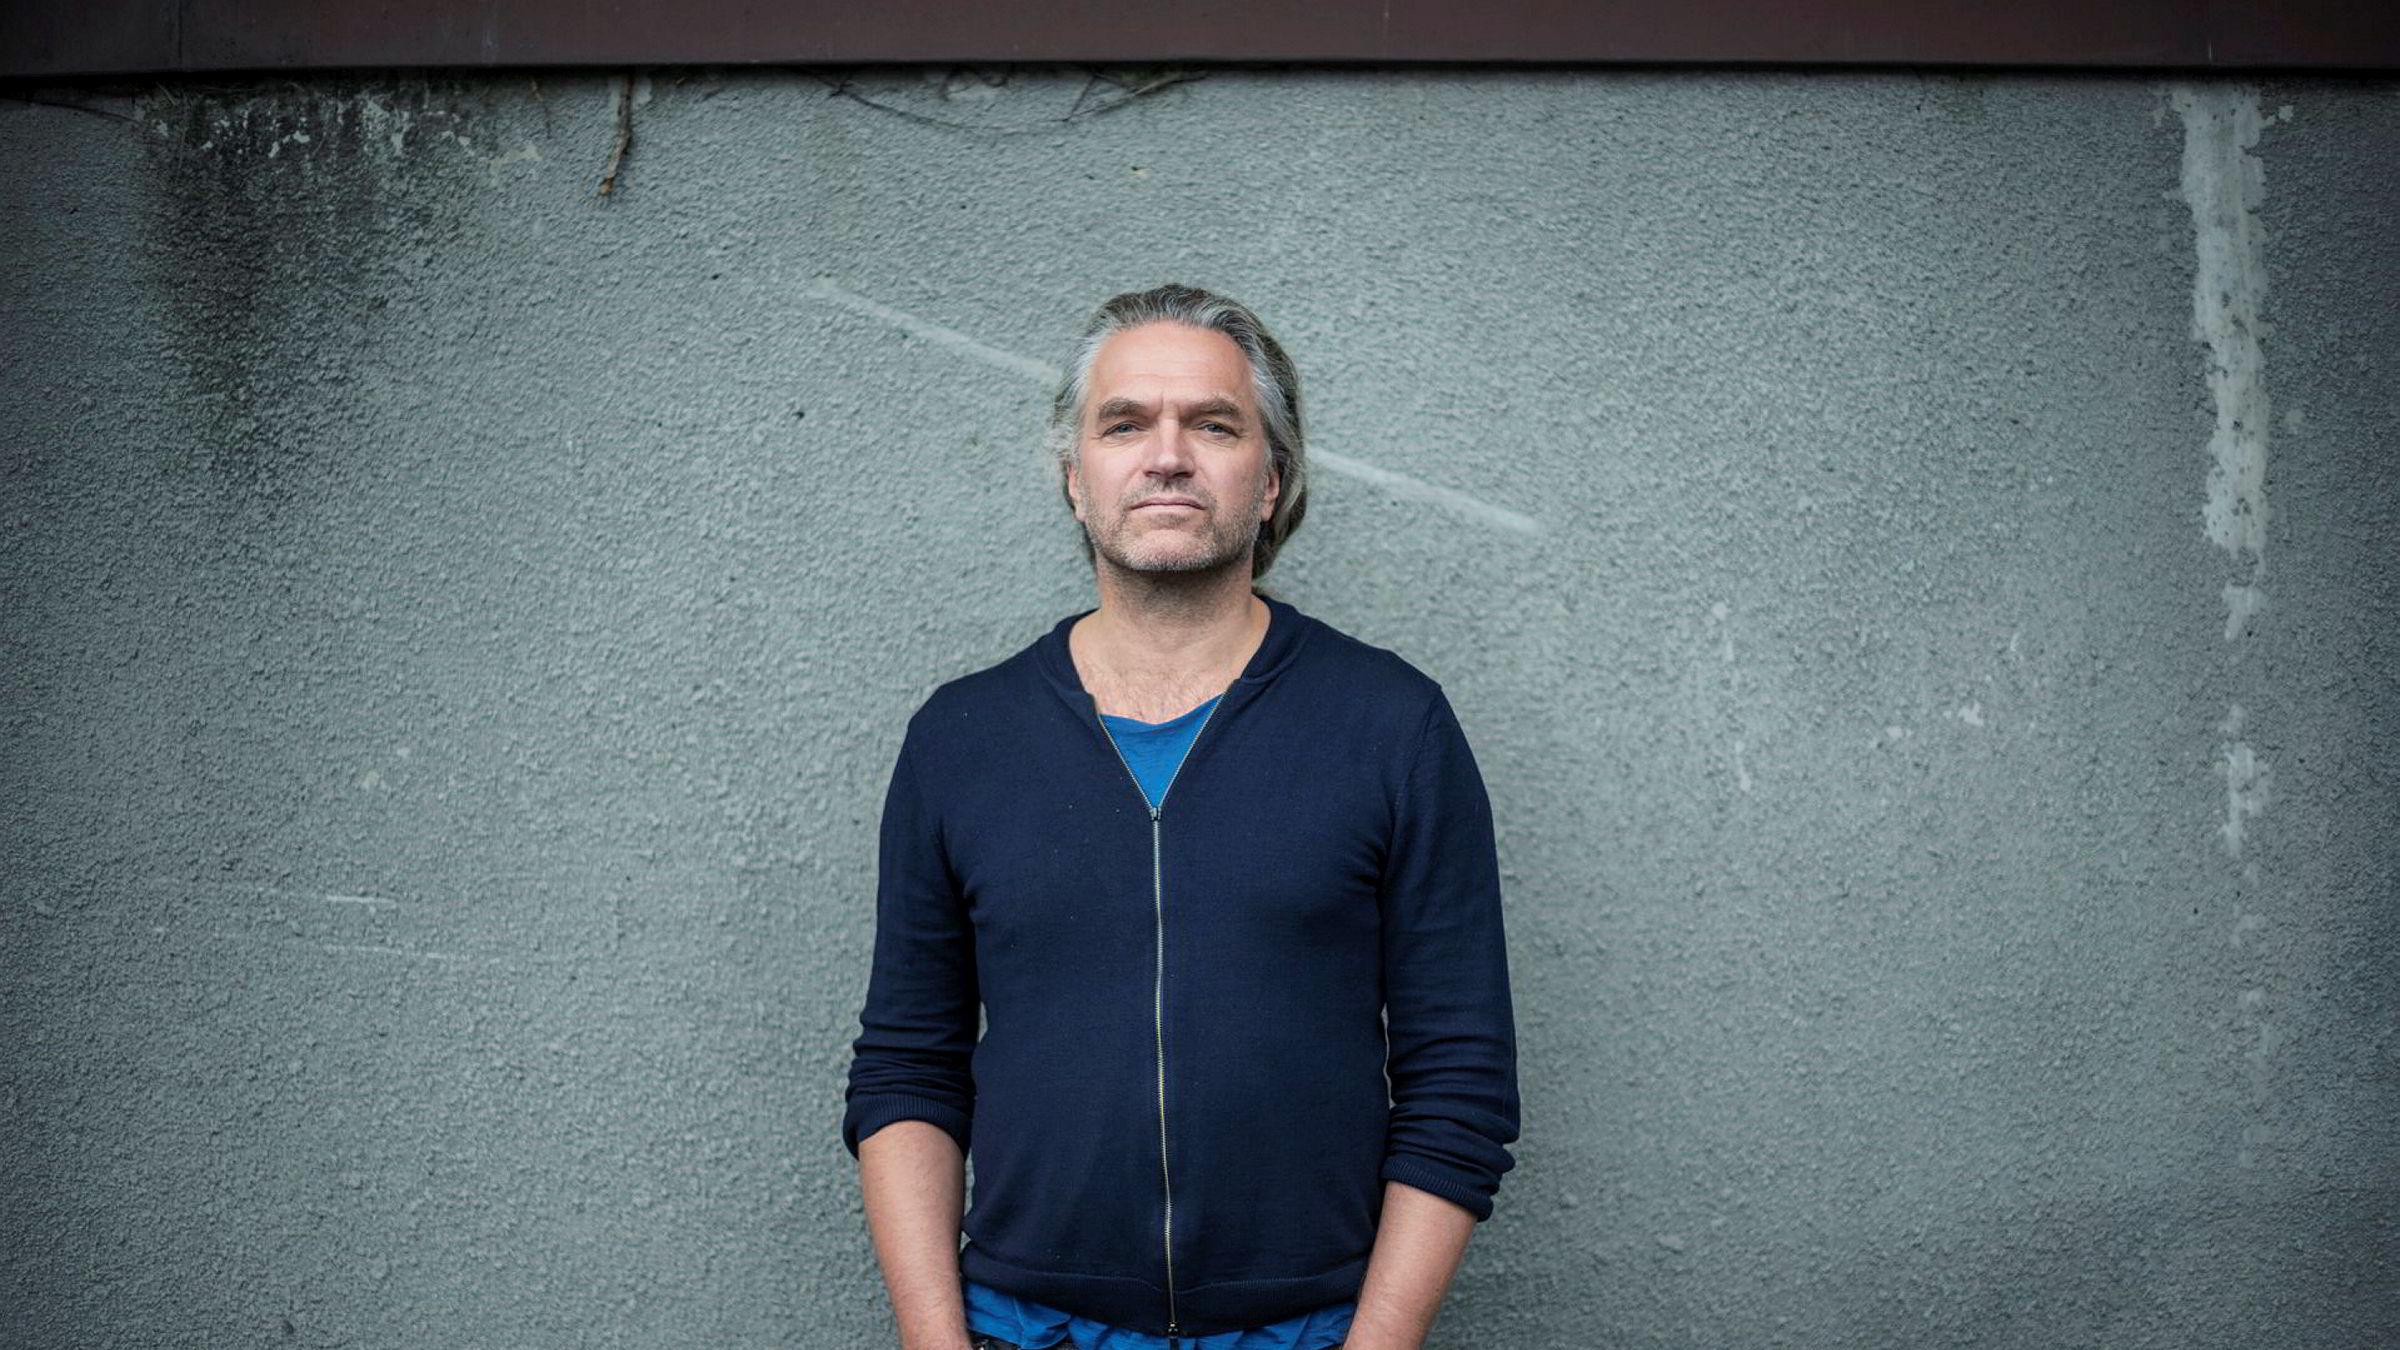 Advokat Fridtjof Piene Gundersen gikk nylig ut og sa han ville saksøke staten og tingrettsdommer Møyfrid Eggebø for henholdsvis menneskerettsbrudd og ærekrenkelser.